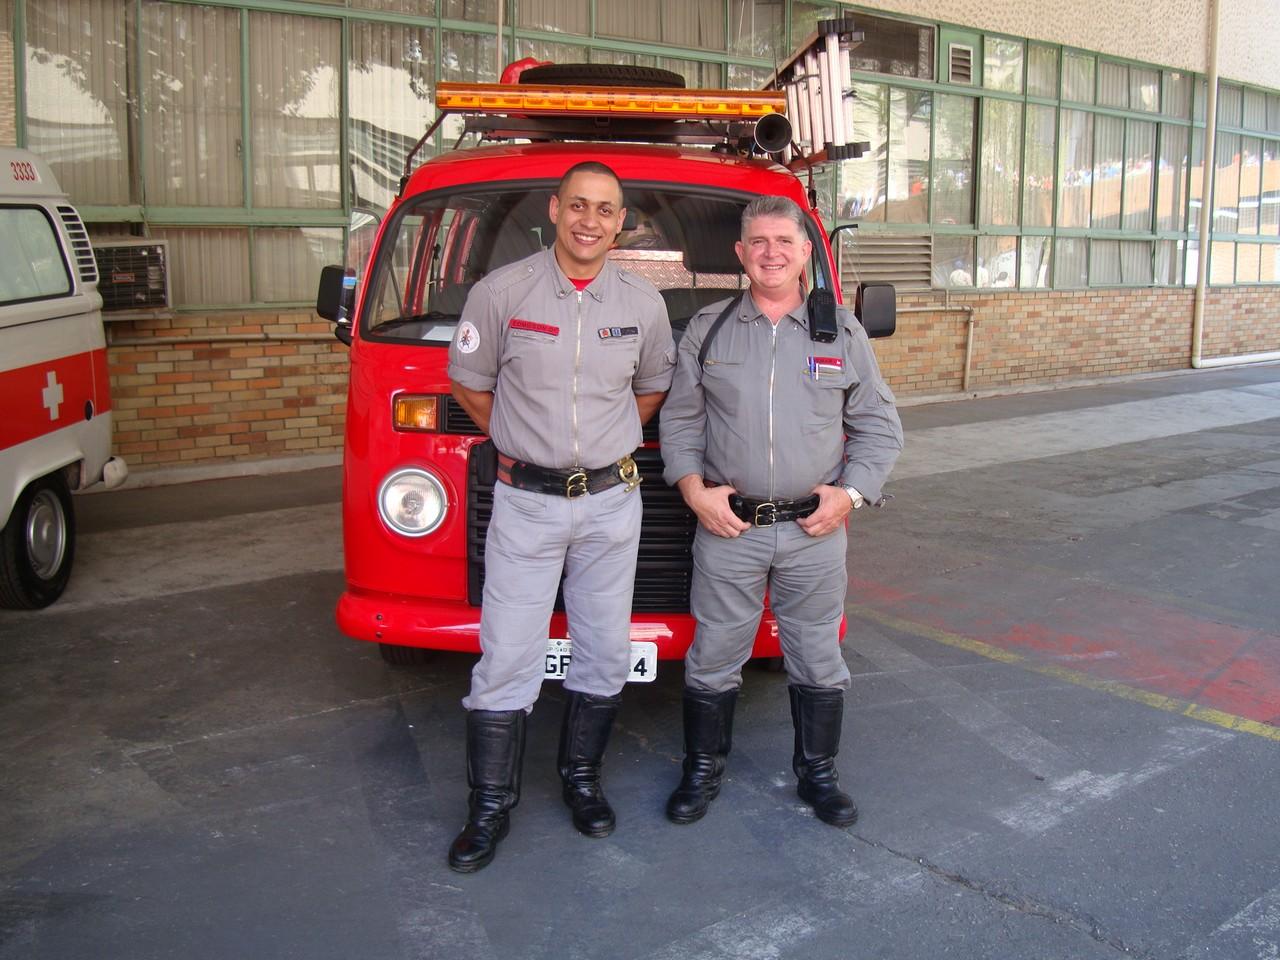 Muitas Kombis prestavam seus bons serviços dentro da fábrica, como no caso dos bombeiros